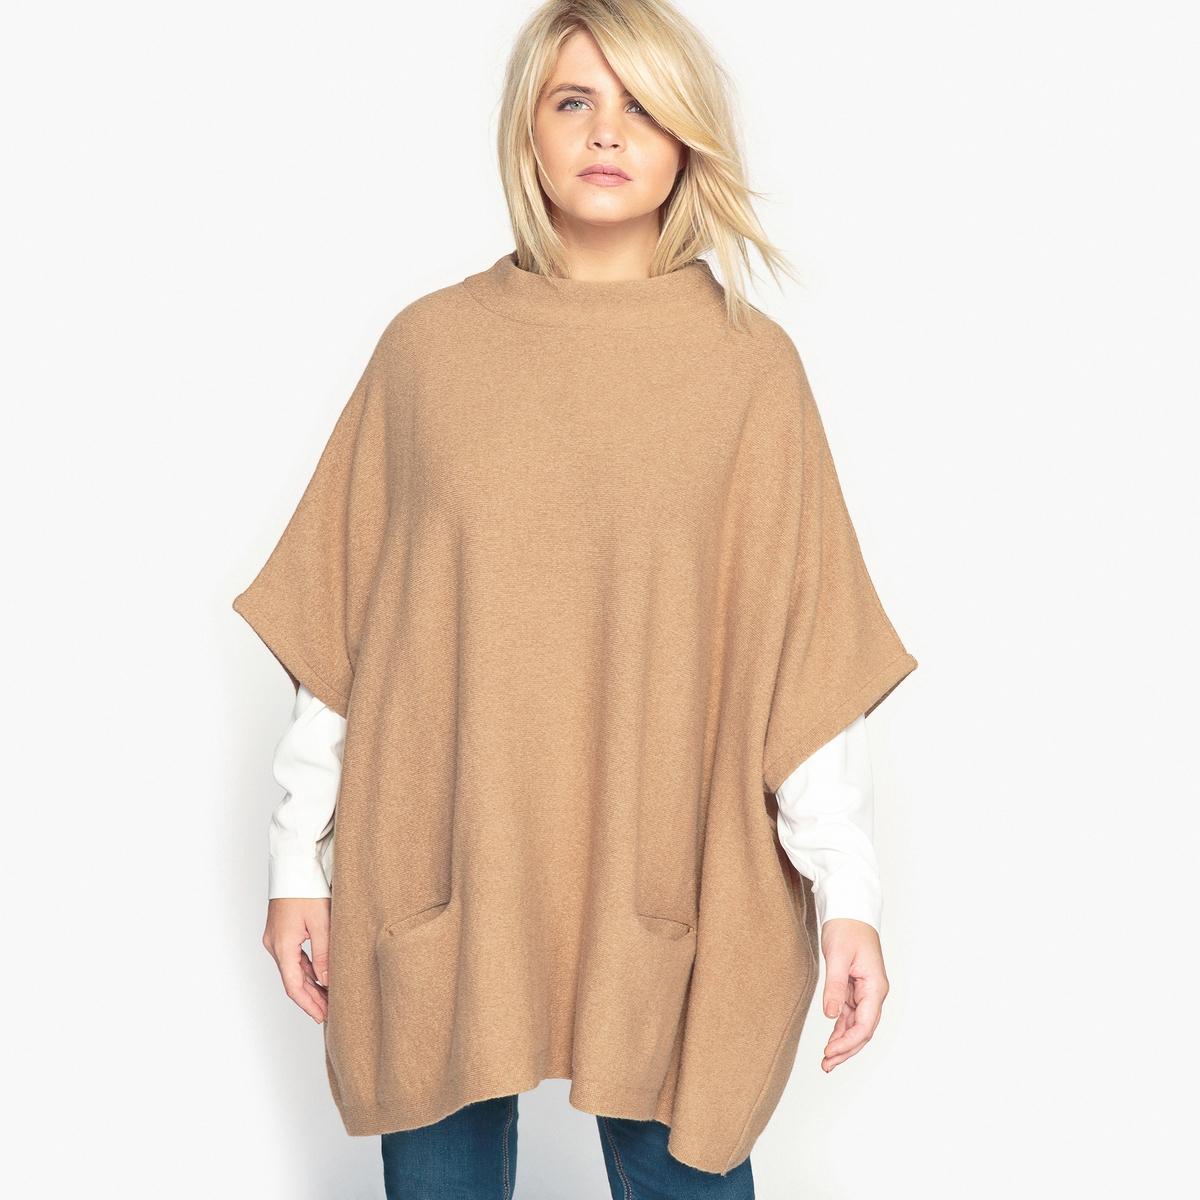 Пуловер-пончо из плотного трикотажа с воротником-стойкойОписание:Теплый пуловер-пончо преимущественно из шерсти. Вам придется по душе красивый покрой и очень теплый трикотаж этого пуловера-пончо.Детали •  Короткие рукава •  Воротник-стойка •  Плотный трикотаж Состав и уход •  70% шерсти, 2% эластана, 28% полиамида •  Ручная стирка •  Сухая чистка и отбеливание запрещены •  Сушить на горизонтальной поверхности •  Низкая температура глажкиТовар из коллекции больших размеров<br><br>Цвет: темно-бежевый<br>Размер: 50/52 (FR) - 56/58 (RUS)